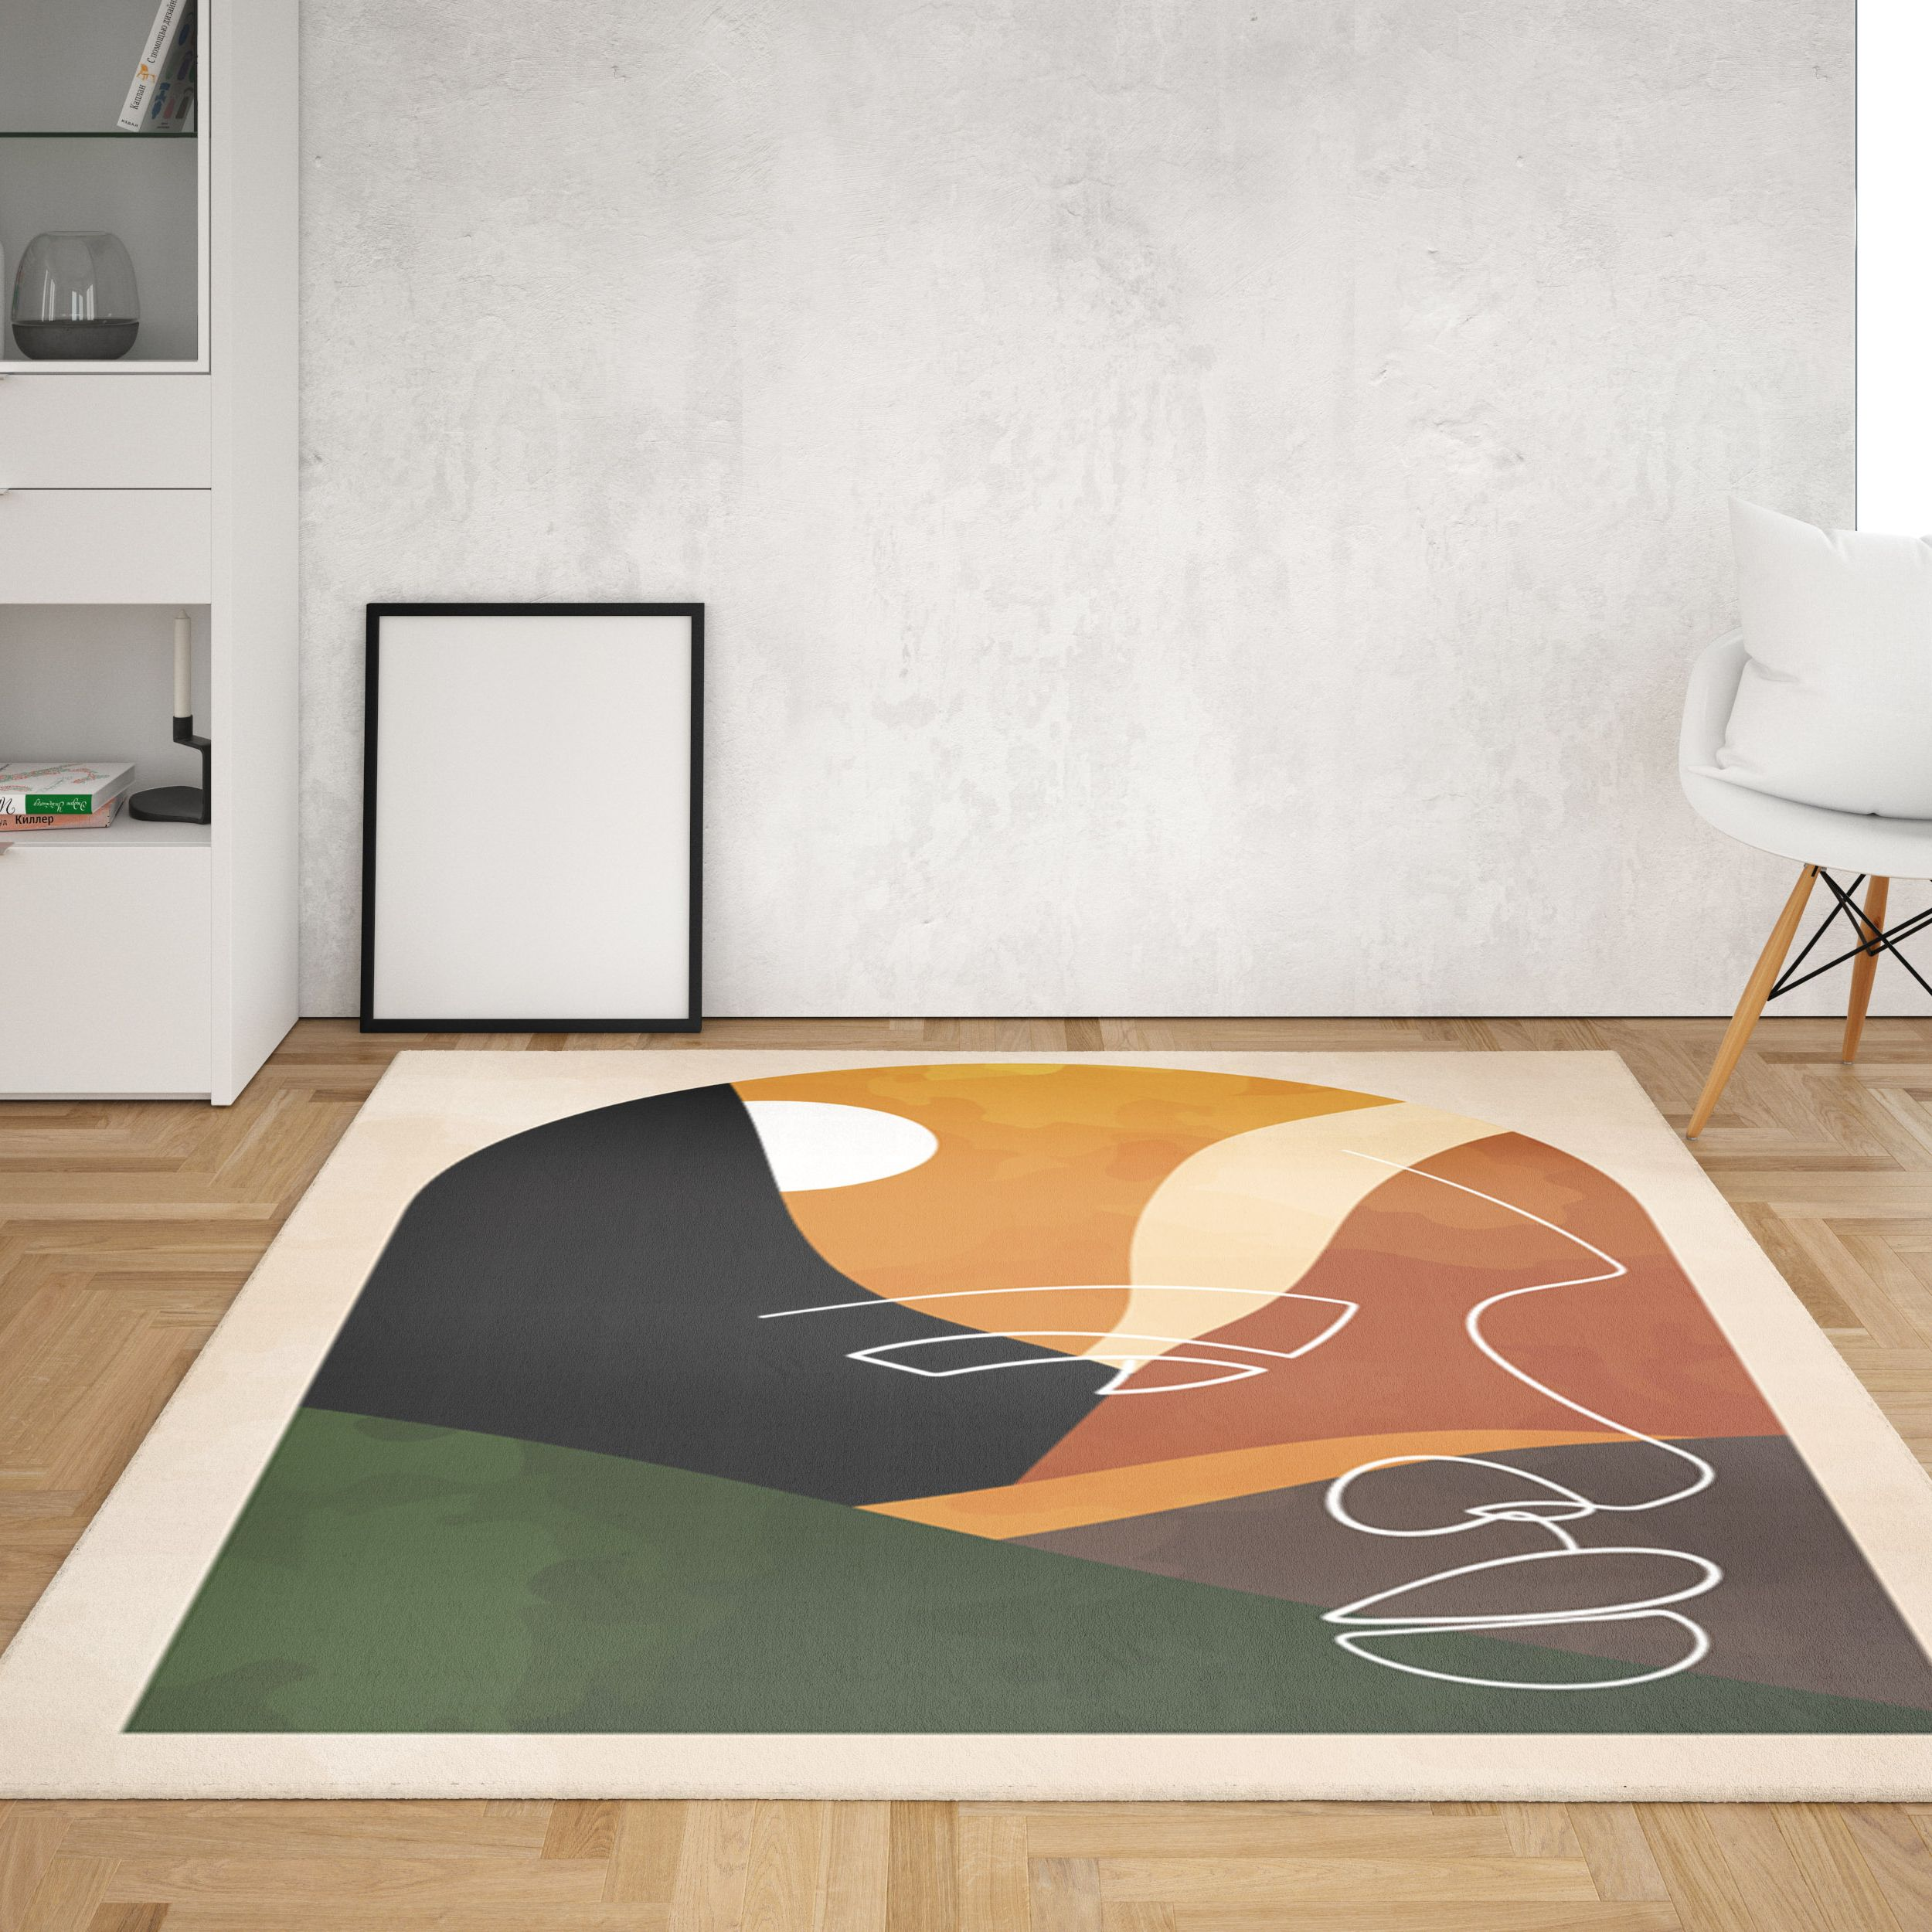 غرفة نوم الحديثة منطقة السجاد المطبخ لينة المضادة للانزلاق الكلمة حصيرة الحمام غرفة المعيشة الديكور كبير مستطيلة المطبوعة السجاد